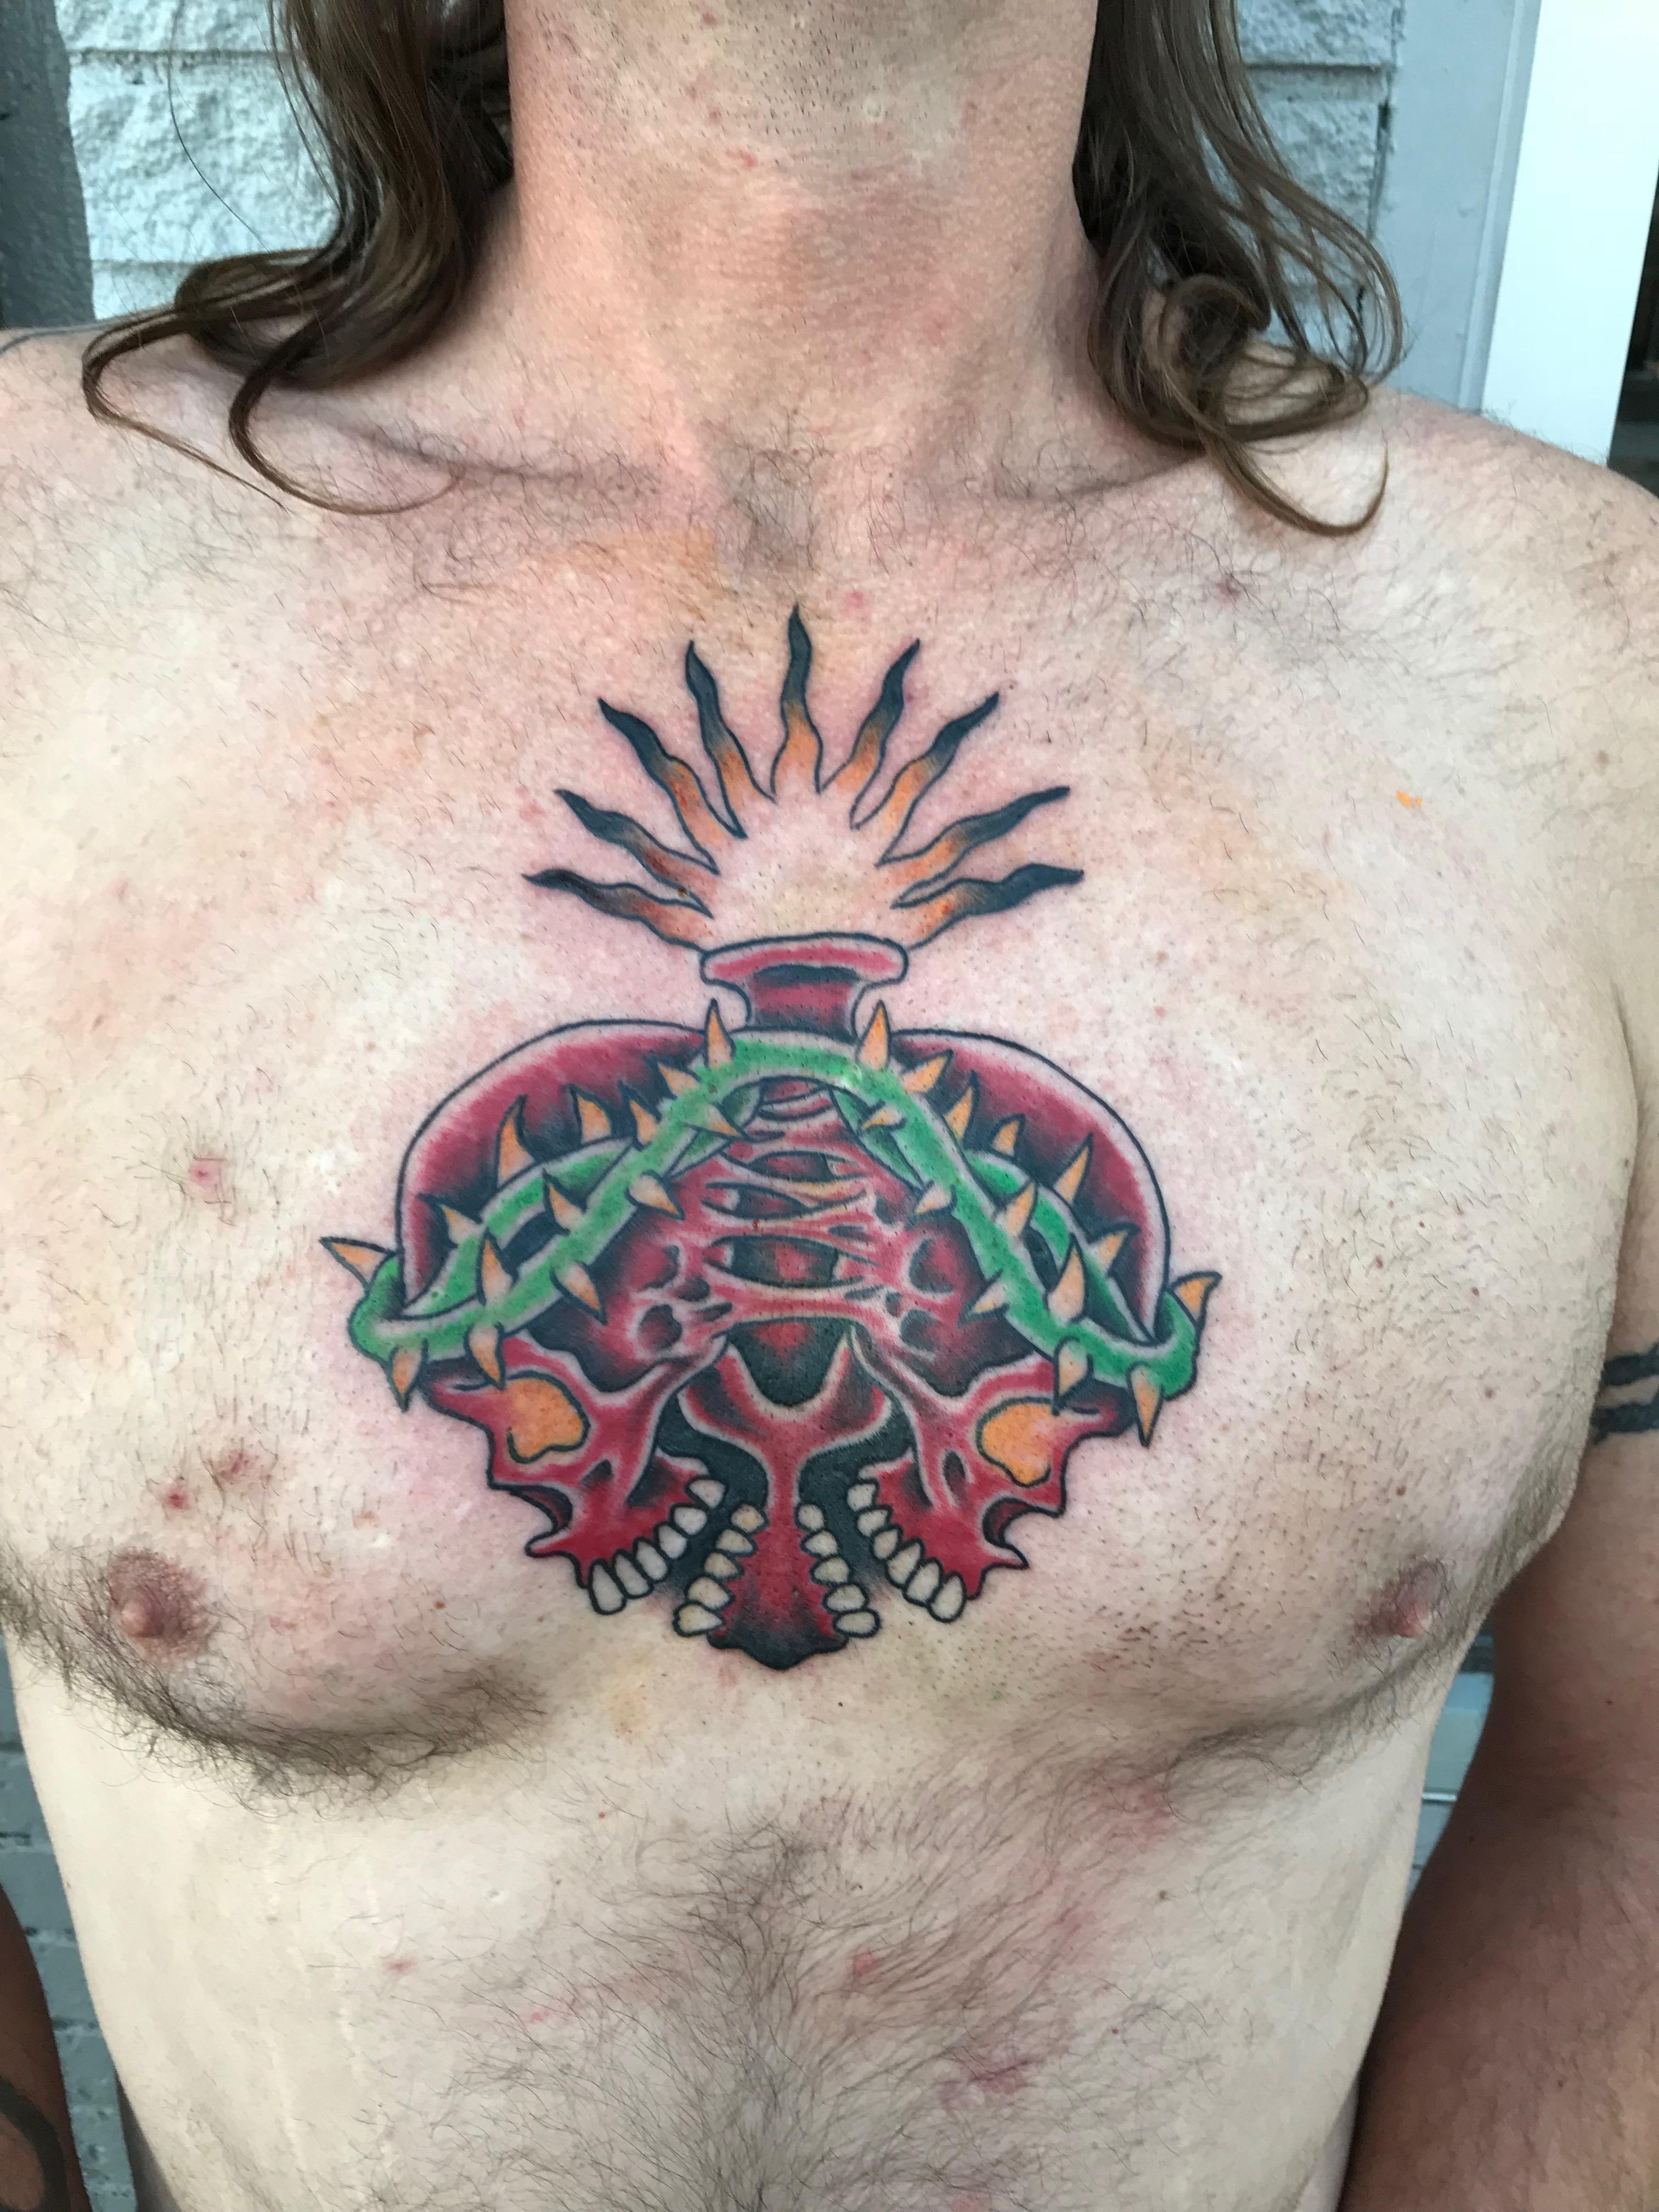 Sacred Heart Skull Splitter By Kyle Bart Tiger Tattoo In Spokane Wa Tiger Tattoo Tattoos Tattoo Designs